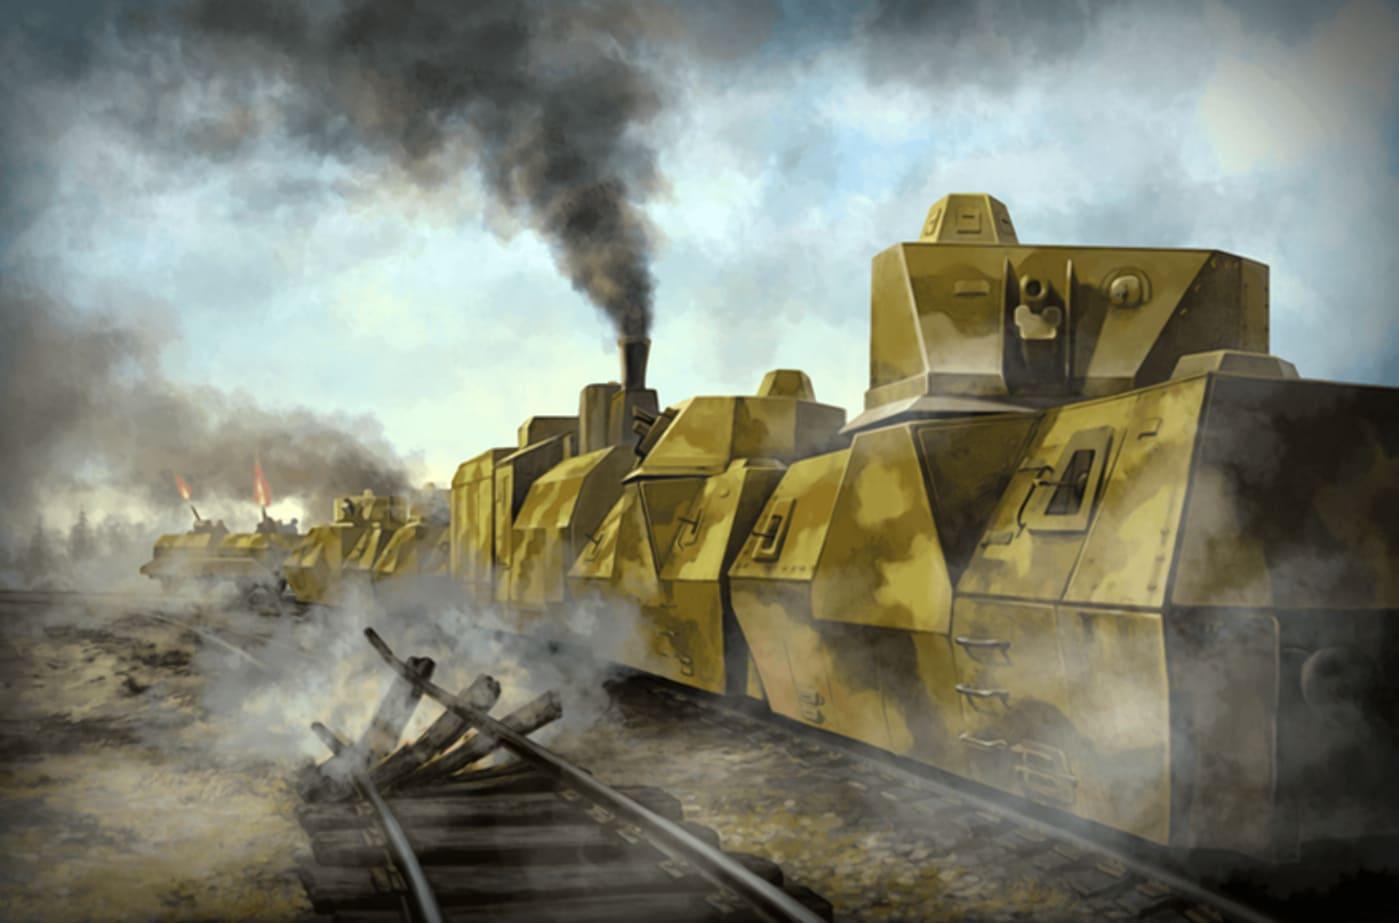 Бронепоезд мог активно вмешаться в боевые действия на жд мосту.